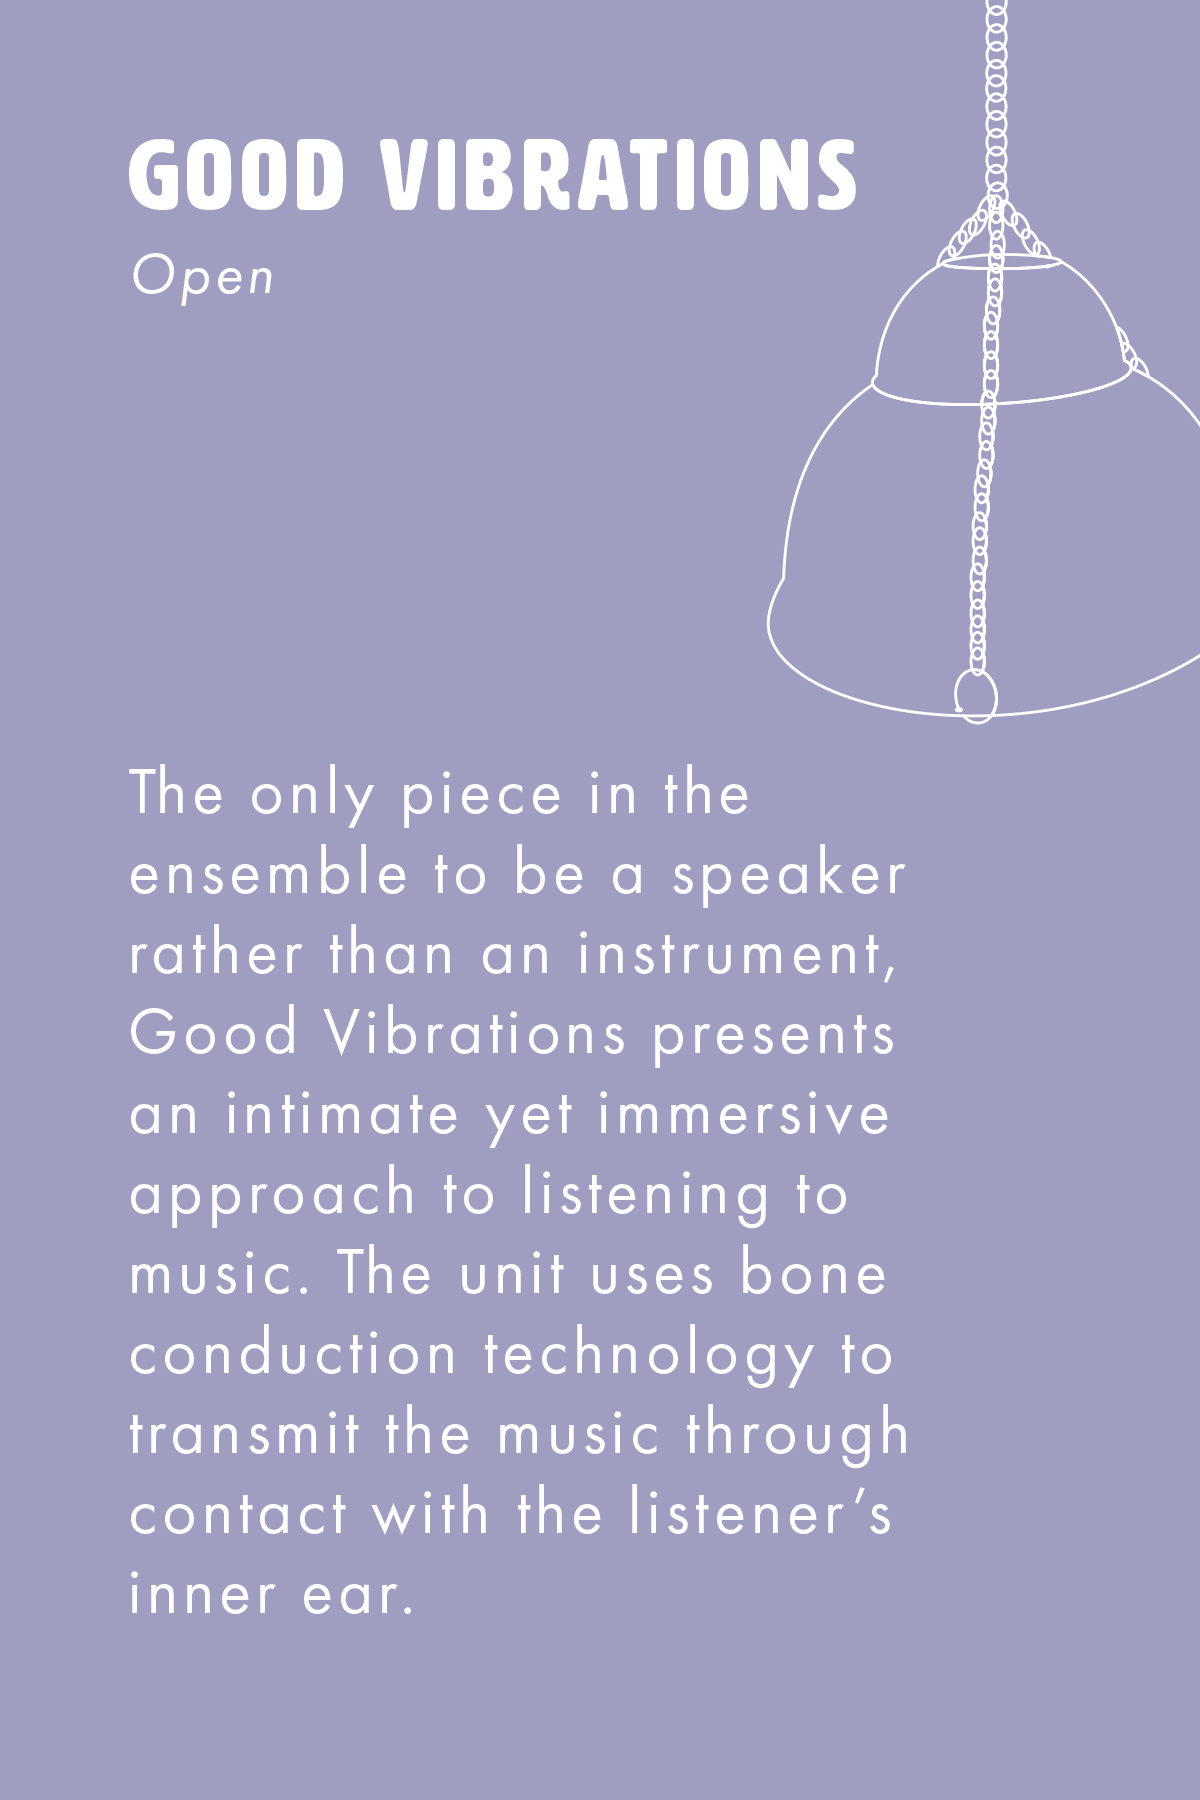 Copy of good-vibrations